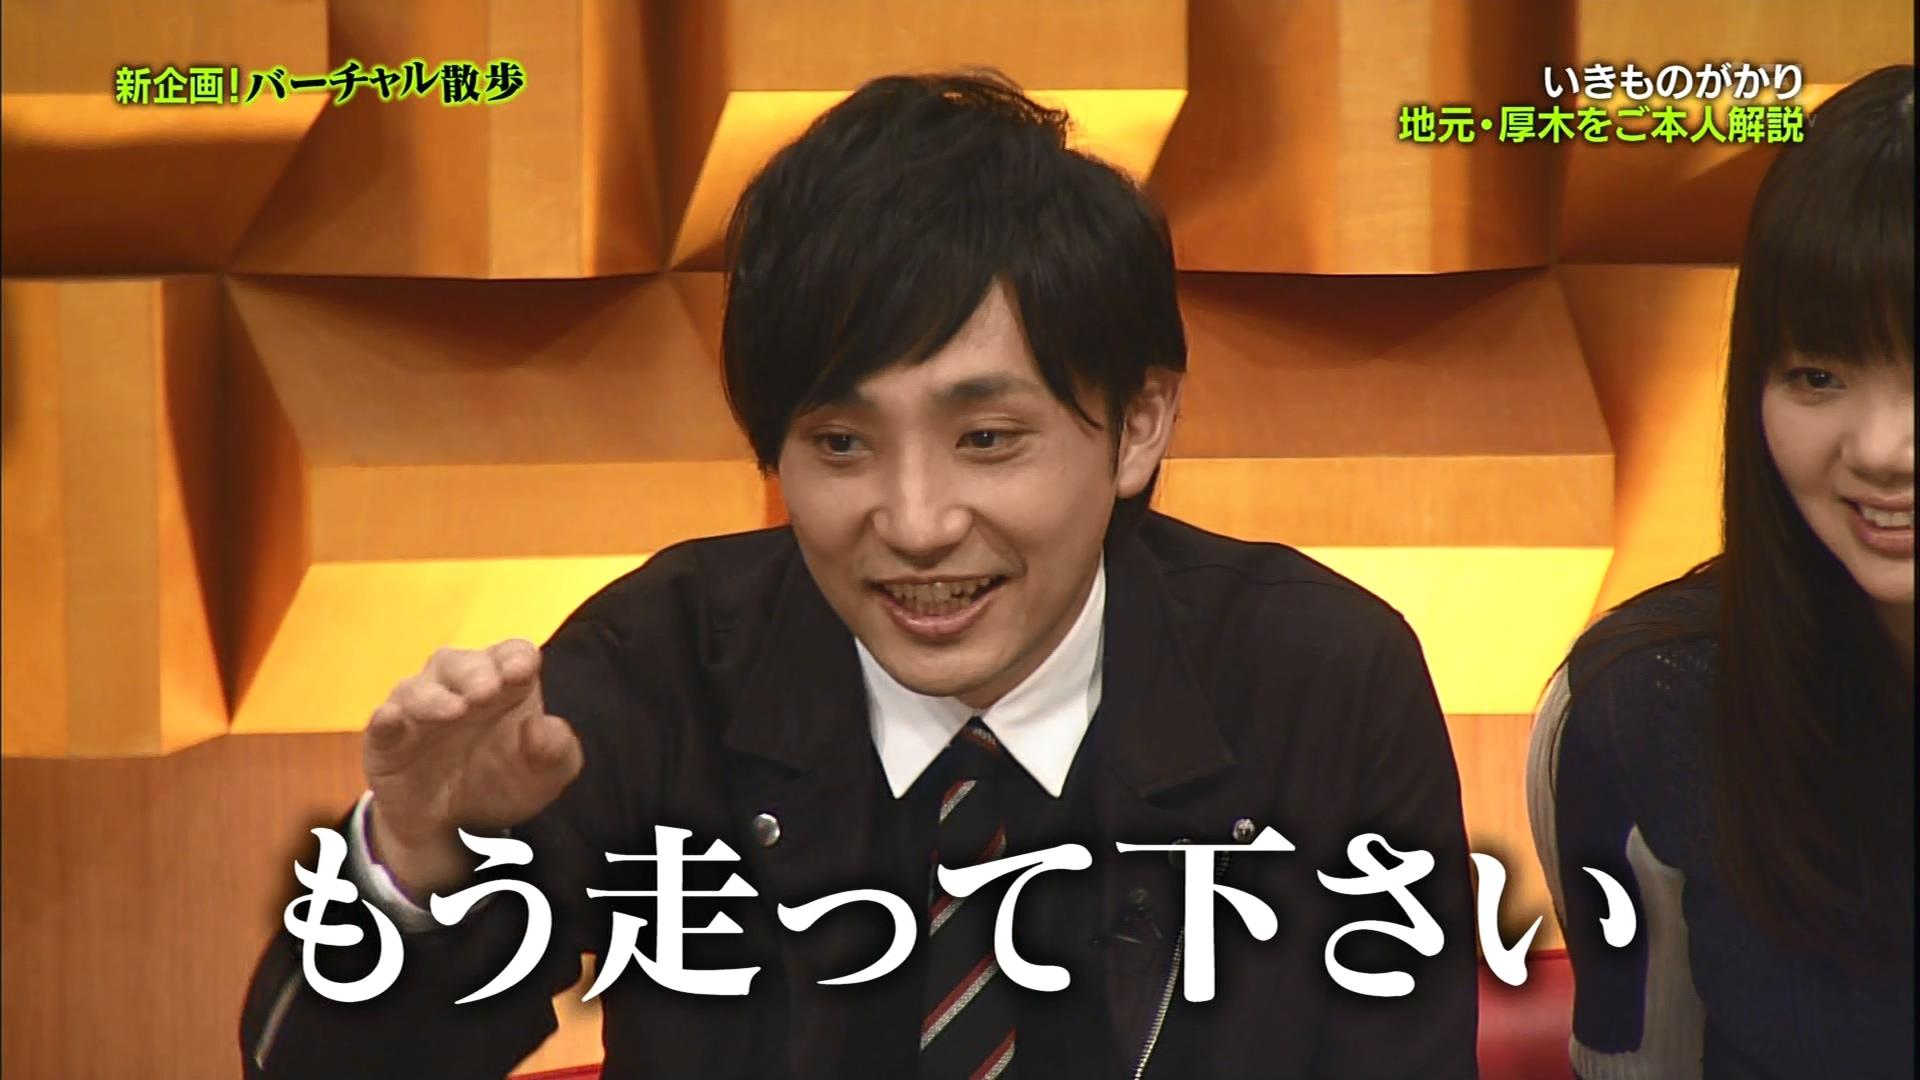 2016.03.11 全場(バズリズム).ts_20160312_020056.632